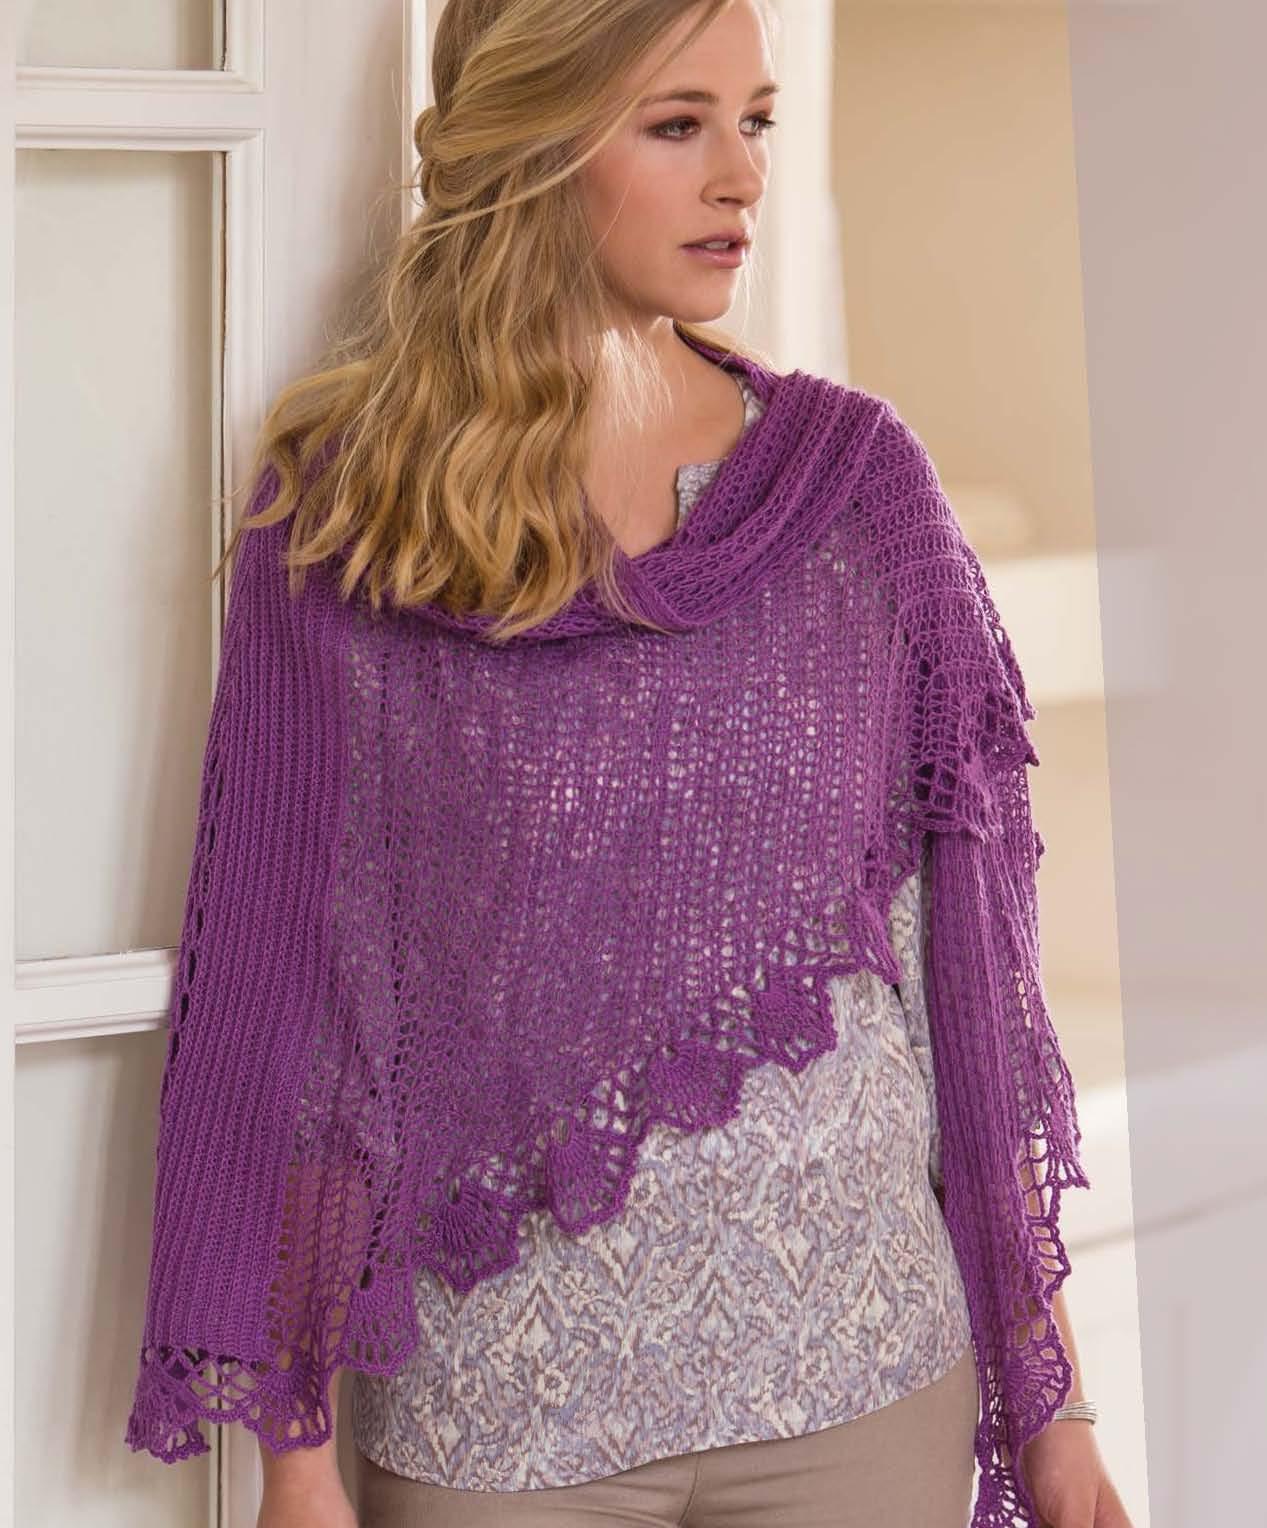 Crochet So Lovely -  Orchid Faroese Shawl beauty shot.jpg